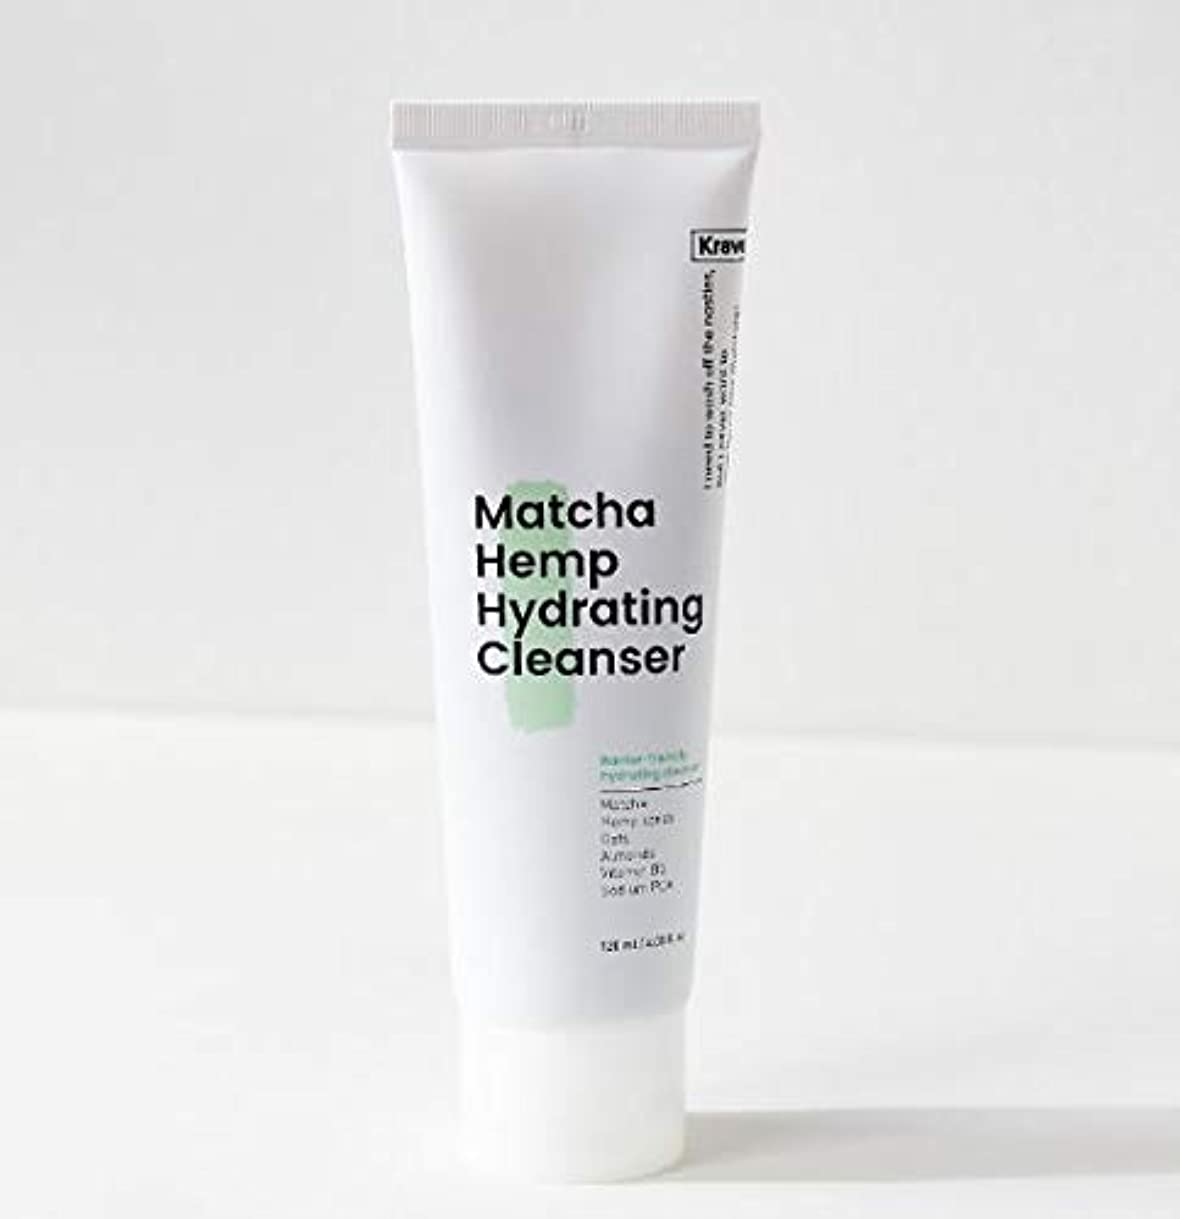 男やもめ愛国的なジュース[Krave] Matcha Hemp Hydrating Cleanser 120ml / 抹茶ハイドレイティングクレンザー120ml [並行輸入品]